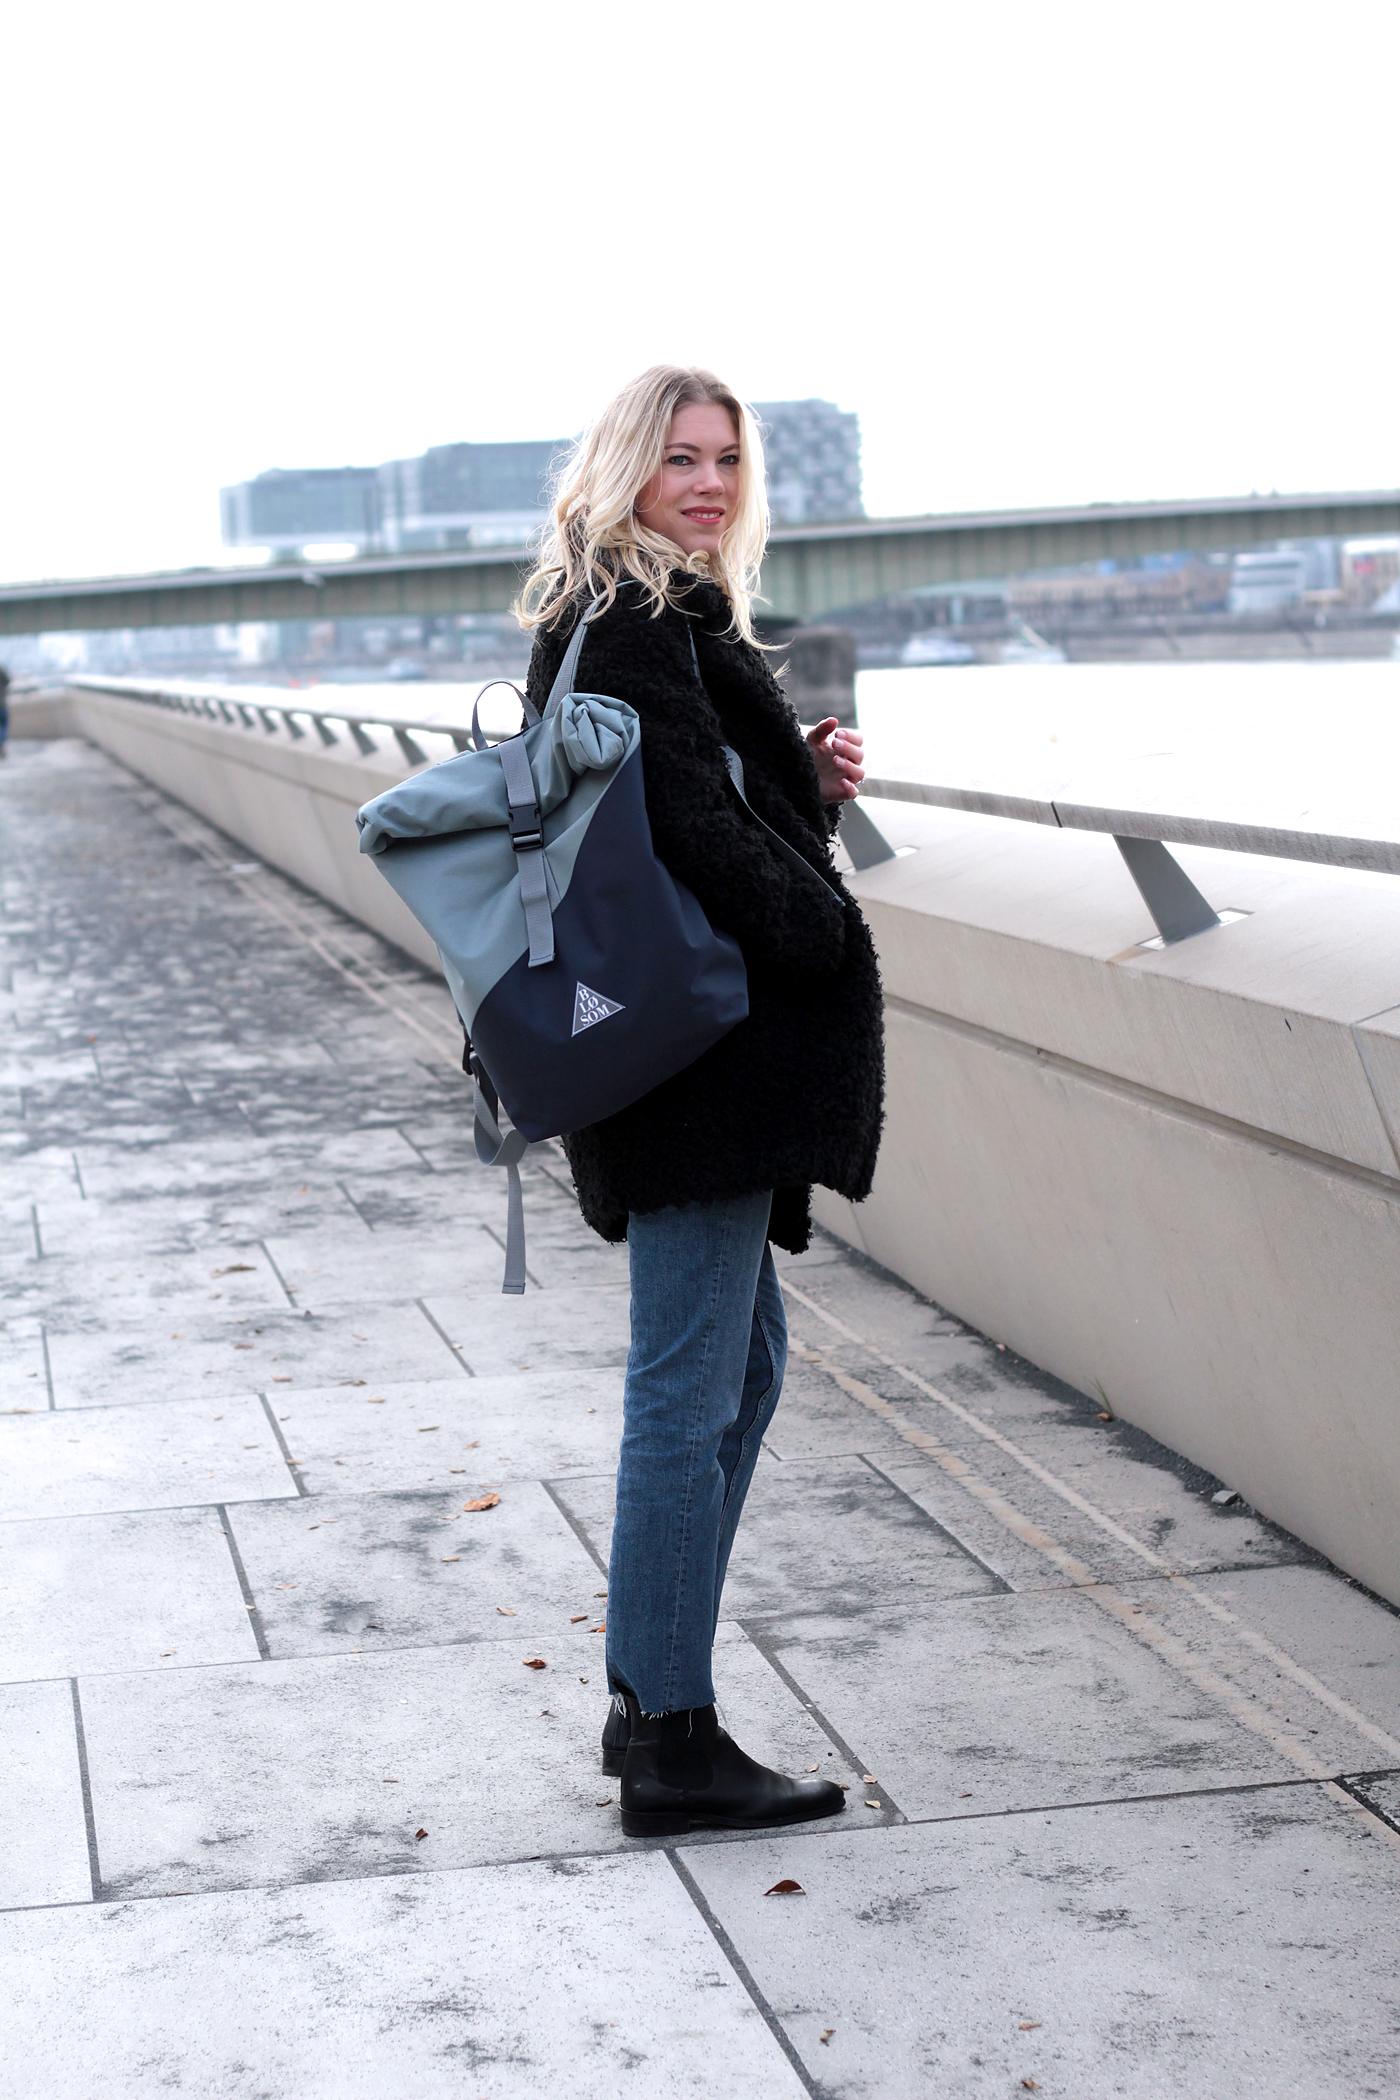 globetrotter_travelblogger_somehappyshoes_blosom_rucksack